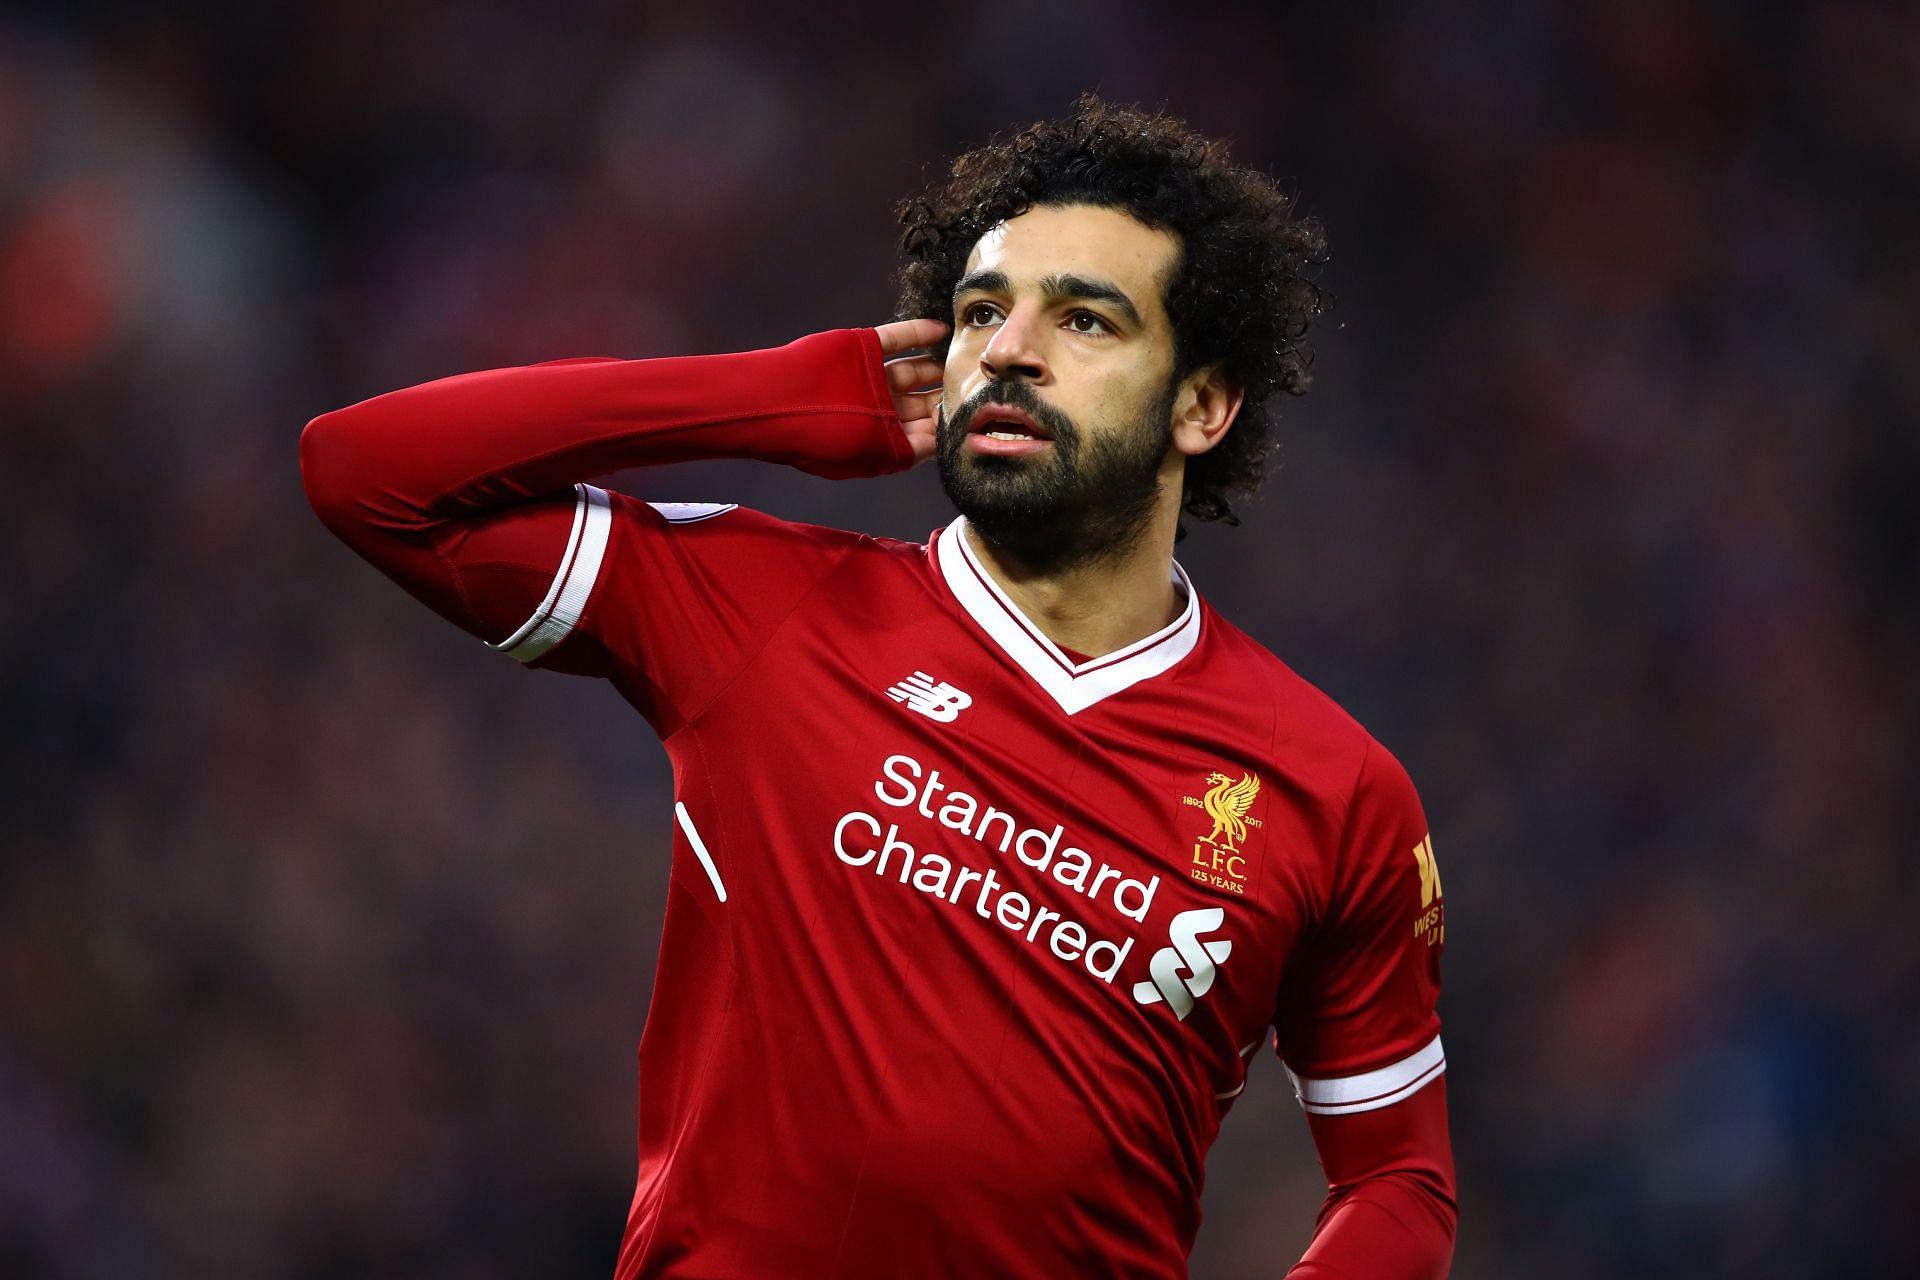 Liverpool attacker - Mohamed Salah